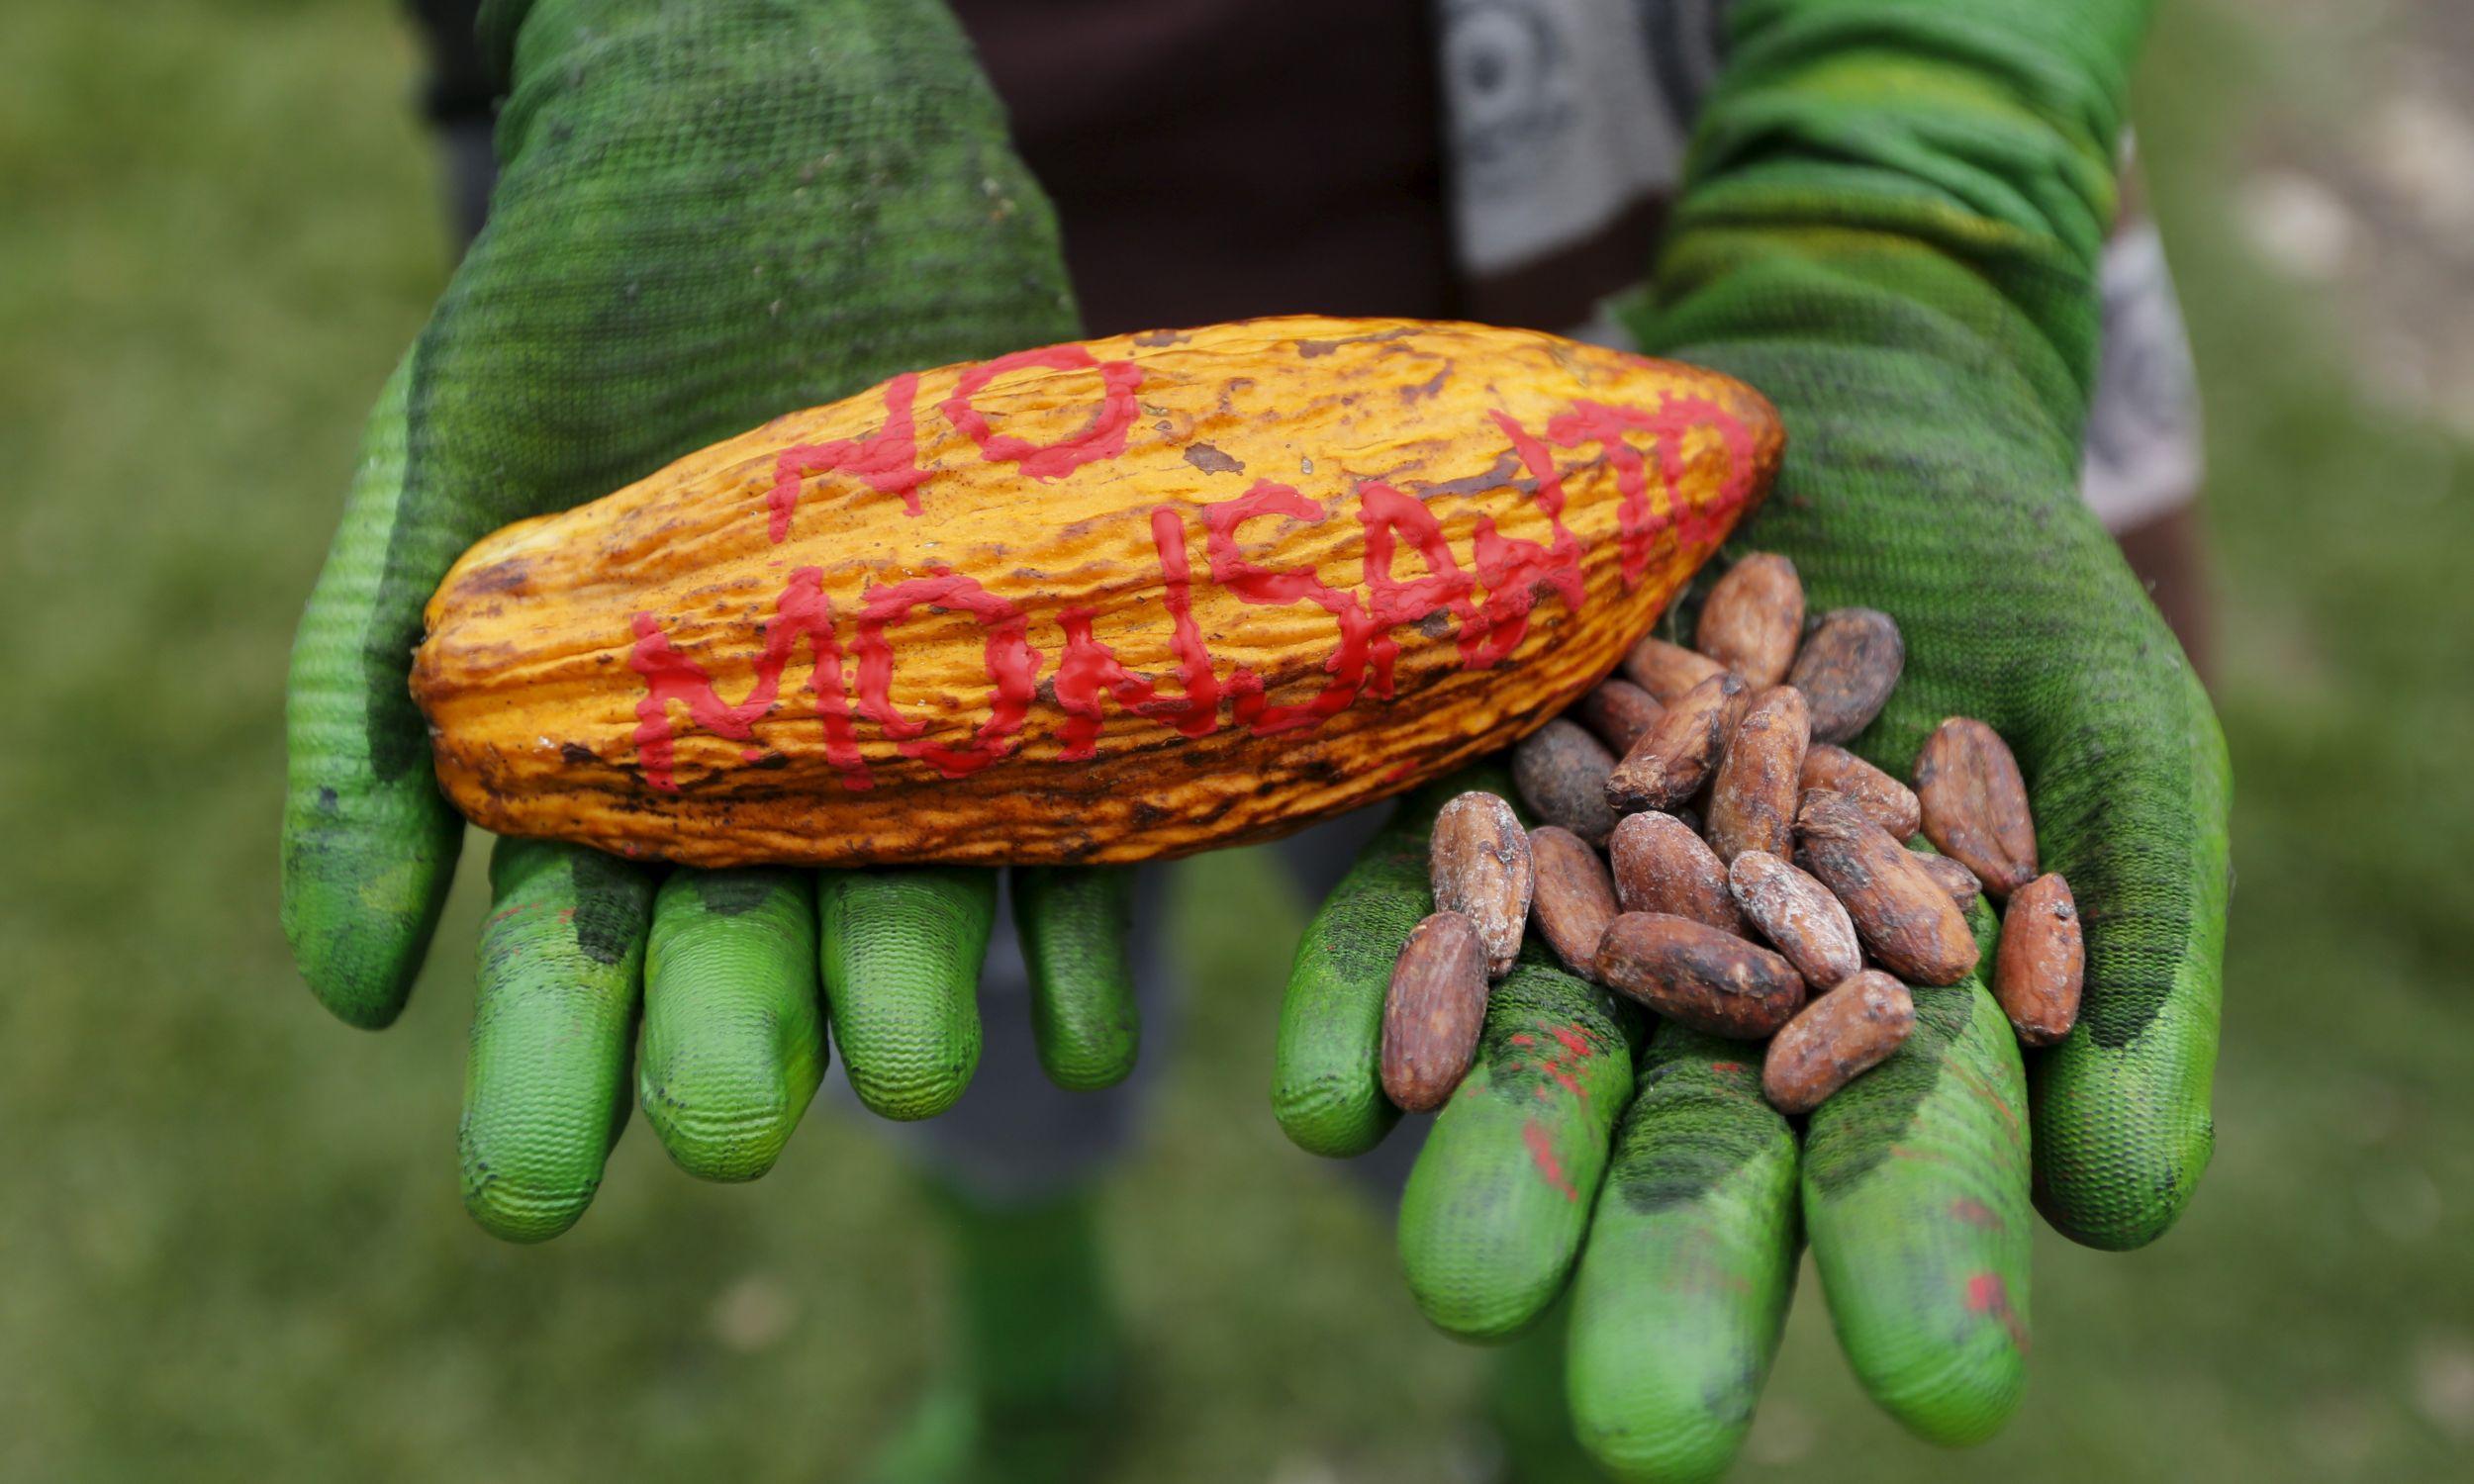 Protest w Bogocie przeciwko Monsanto, 23 maja 2015 r. W sobotę zorganizowano podobne demonstracje na całym świecie, aby podnieść świadomość zagrożeń związanych z glifosatem i środkiem Roundup. Fot. REUTERS / John Vizcaino